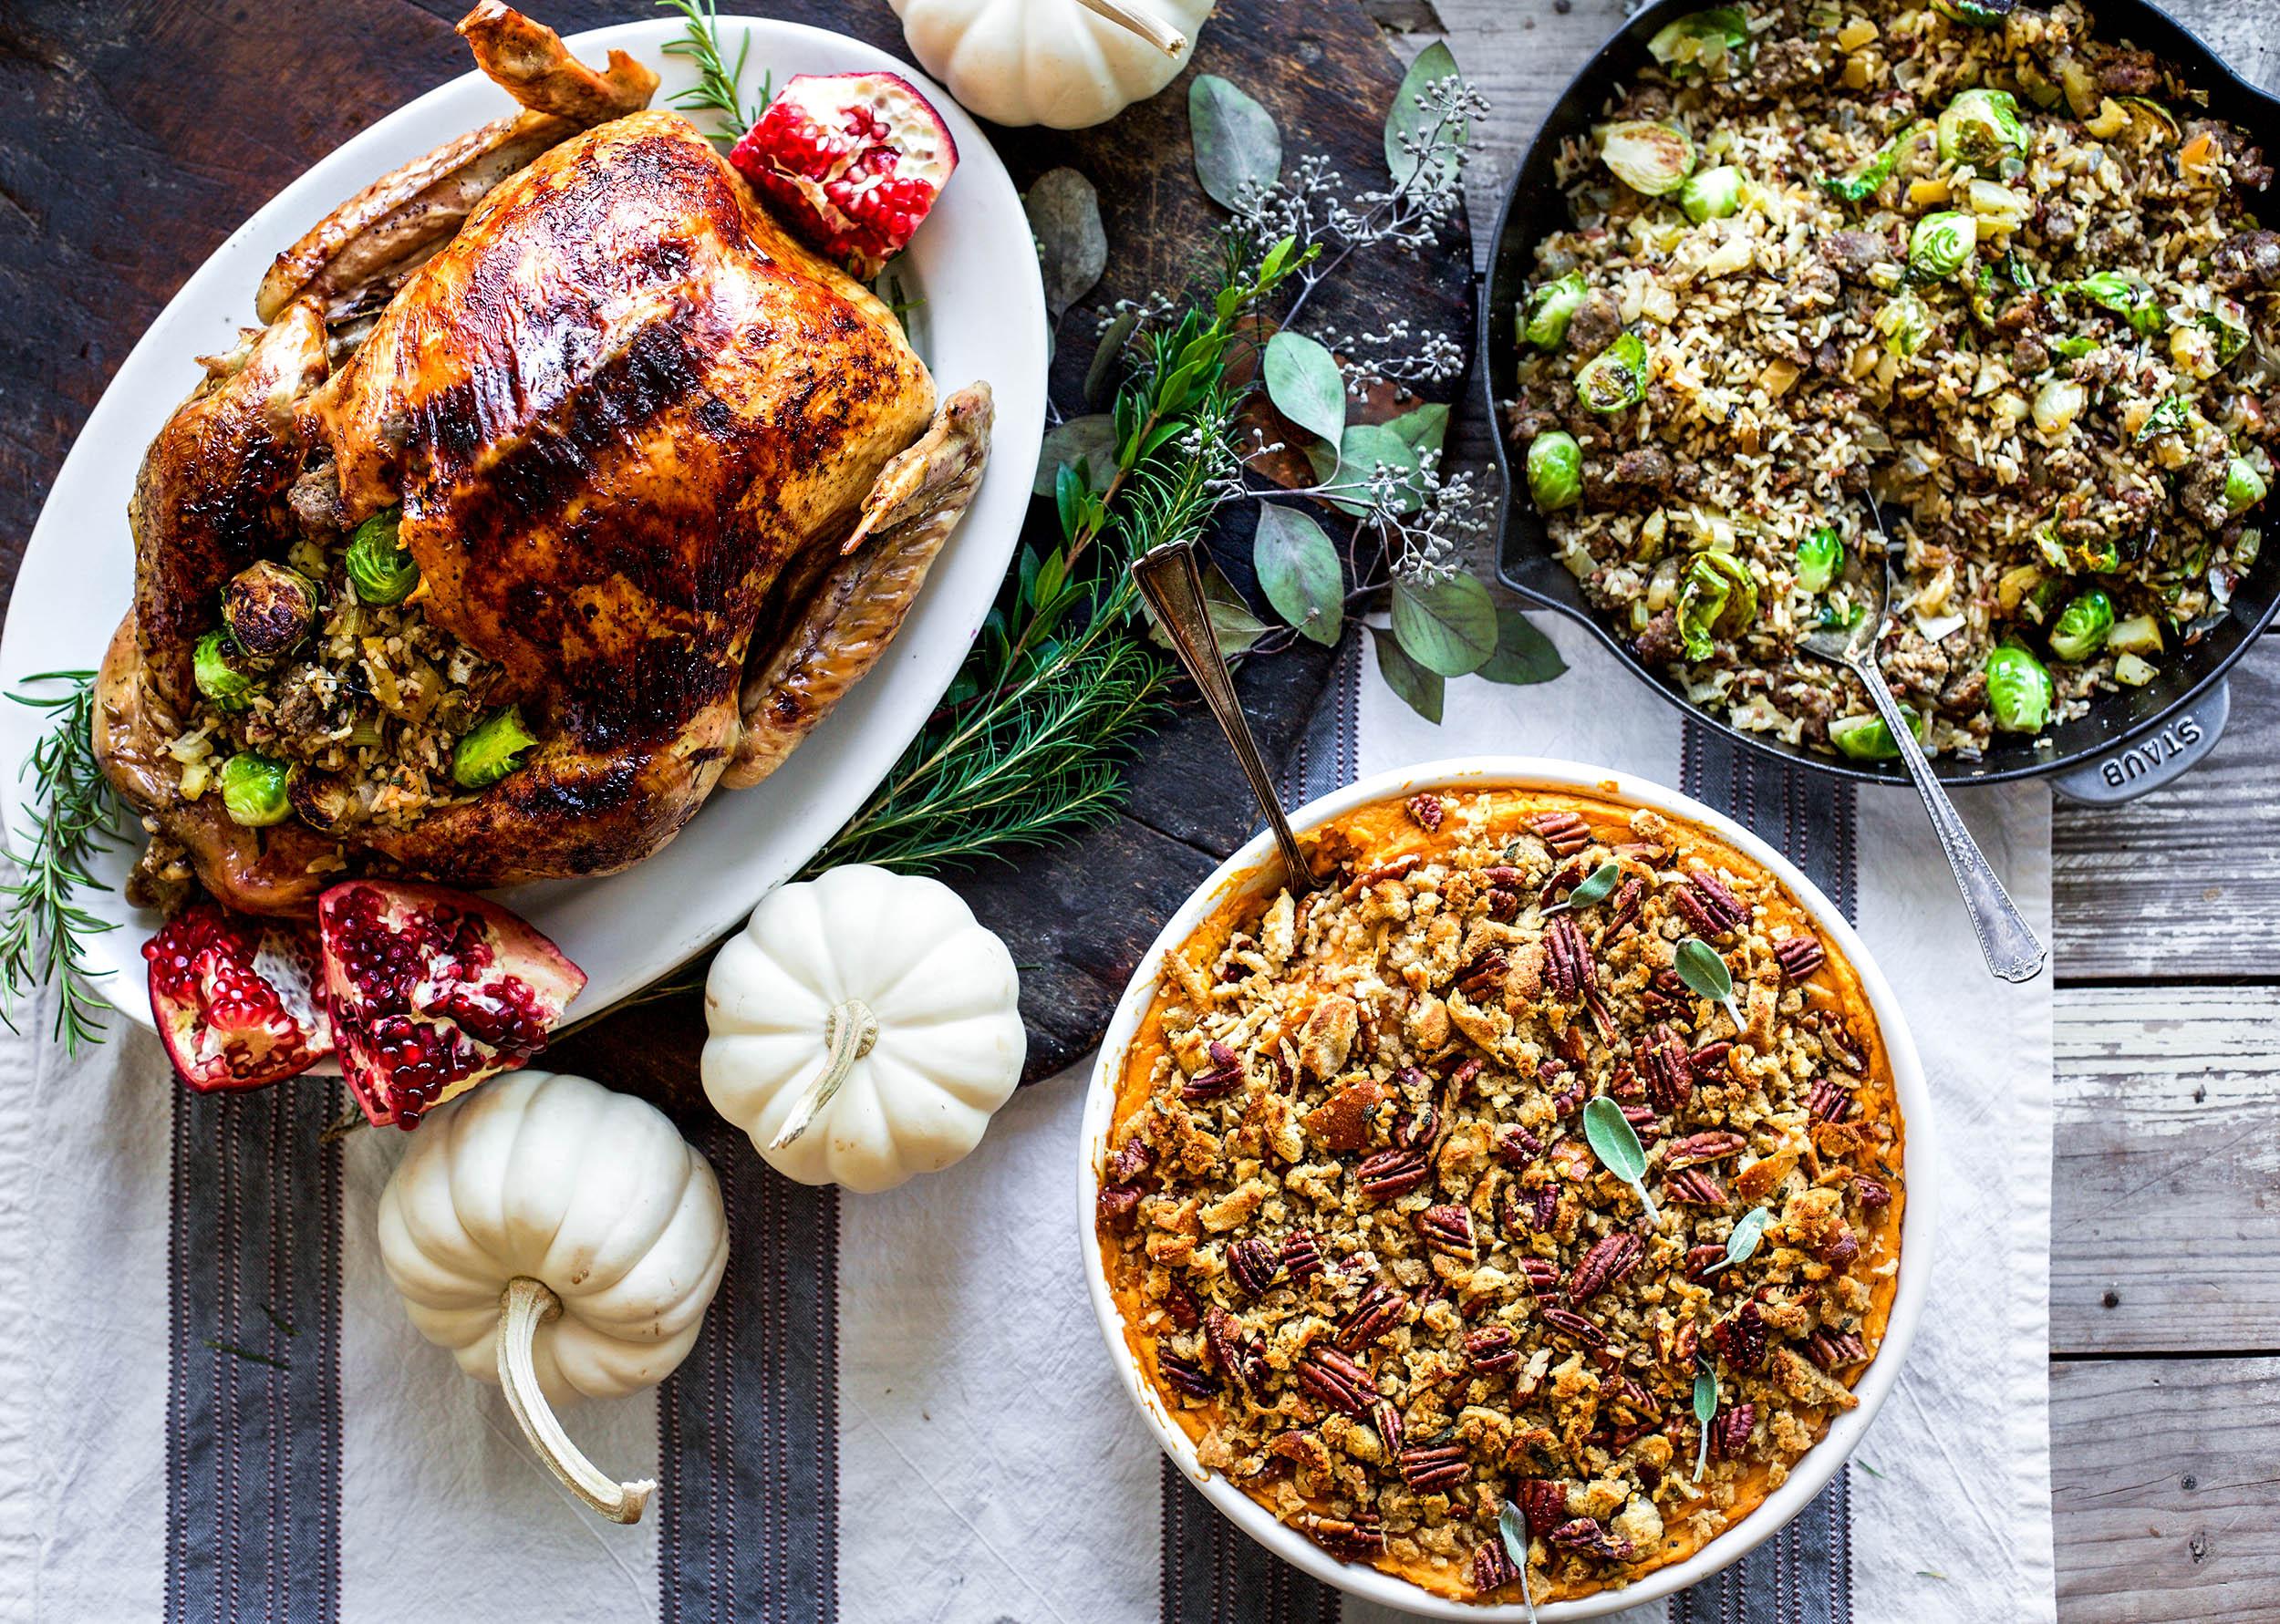 Chef Leigh Ann Chatagnier Creates The Perfect Thanksgiving Menu Idea